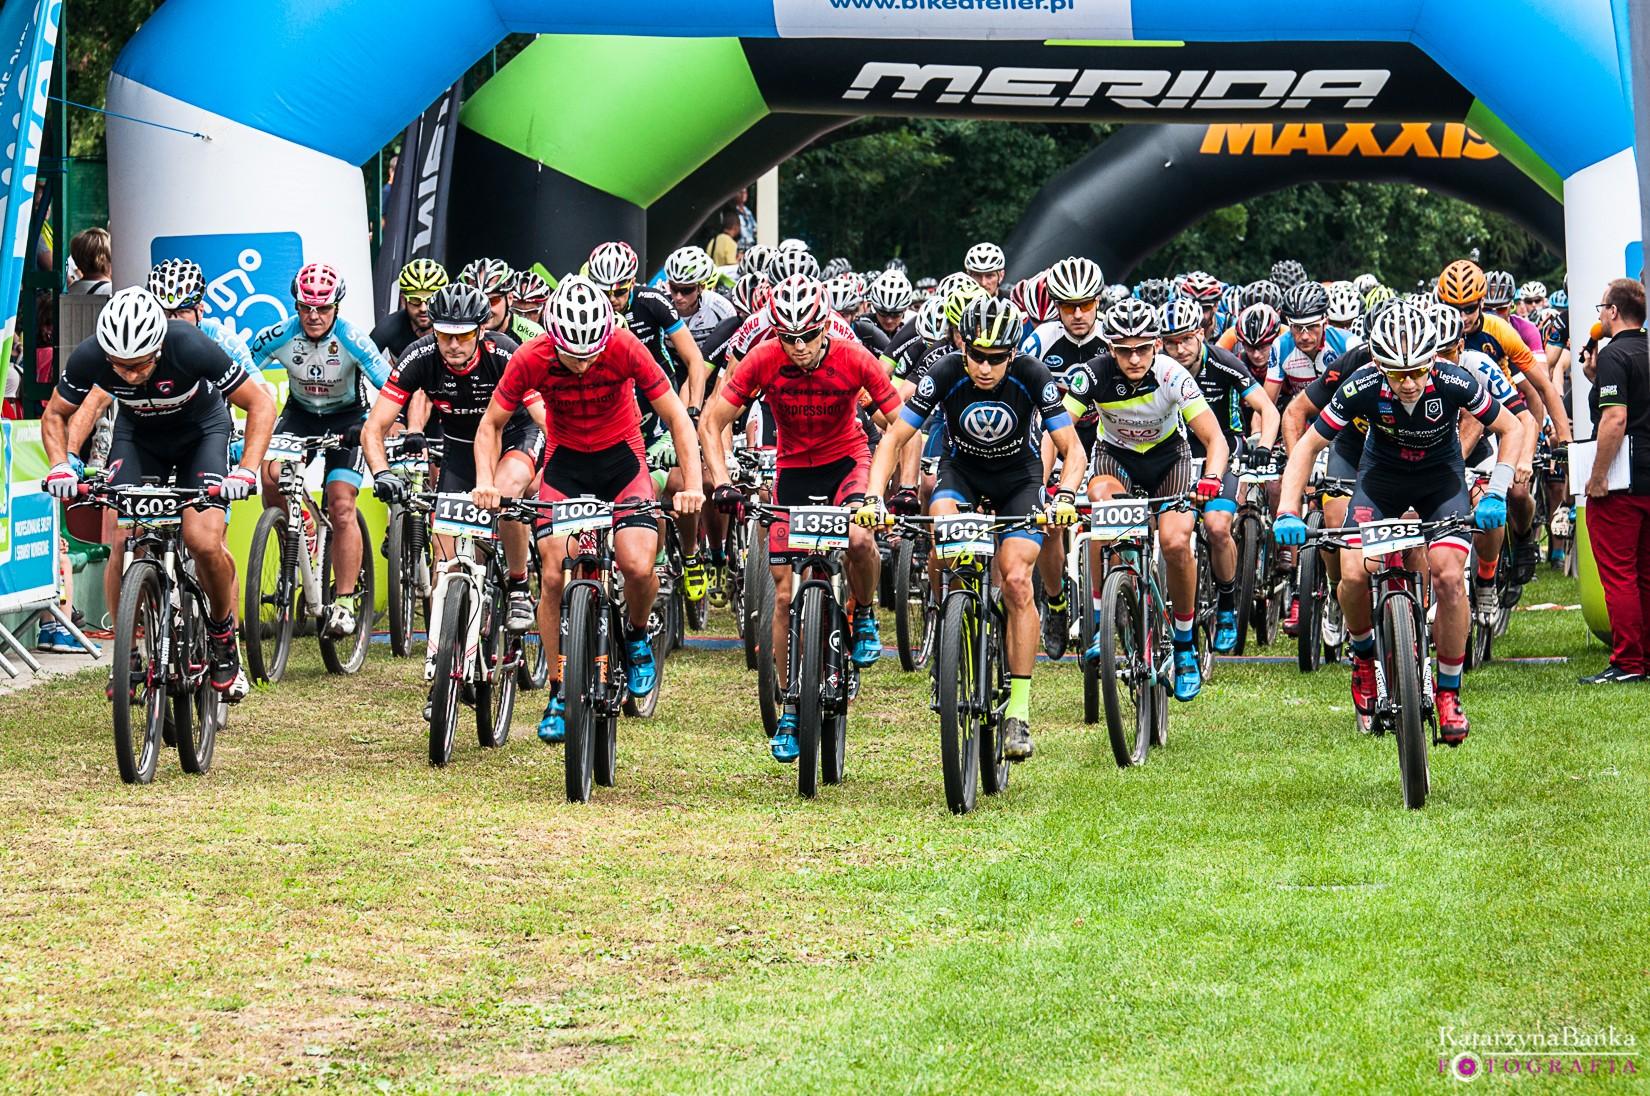 Bike Atelier MTB Maraton ponownie wystartuje w Psarach